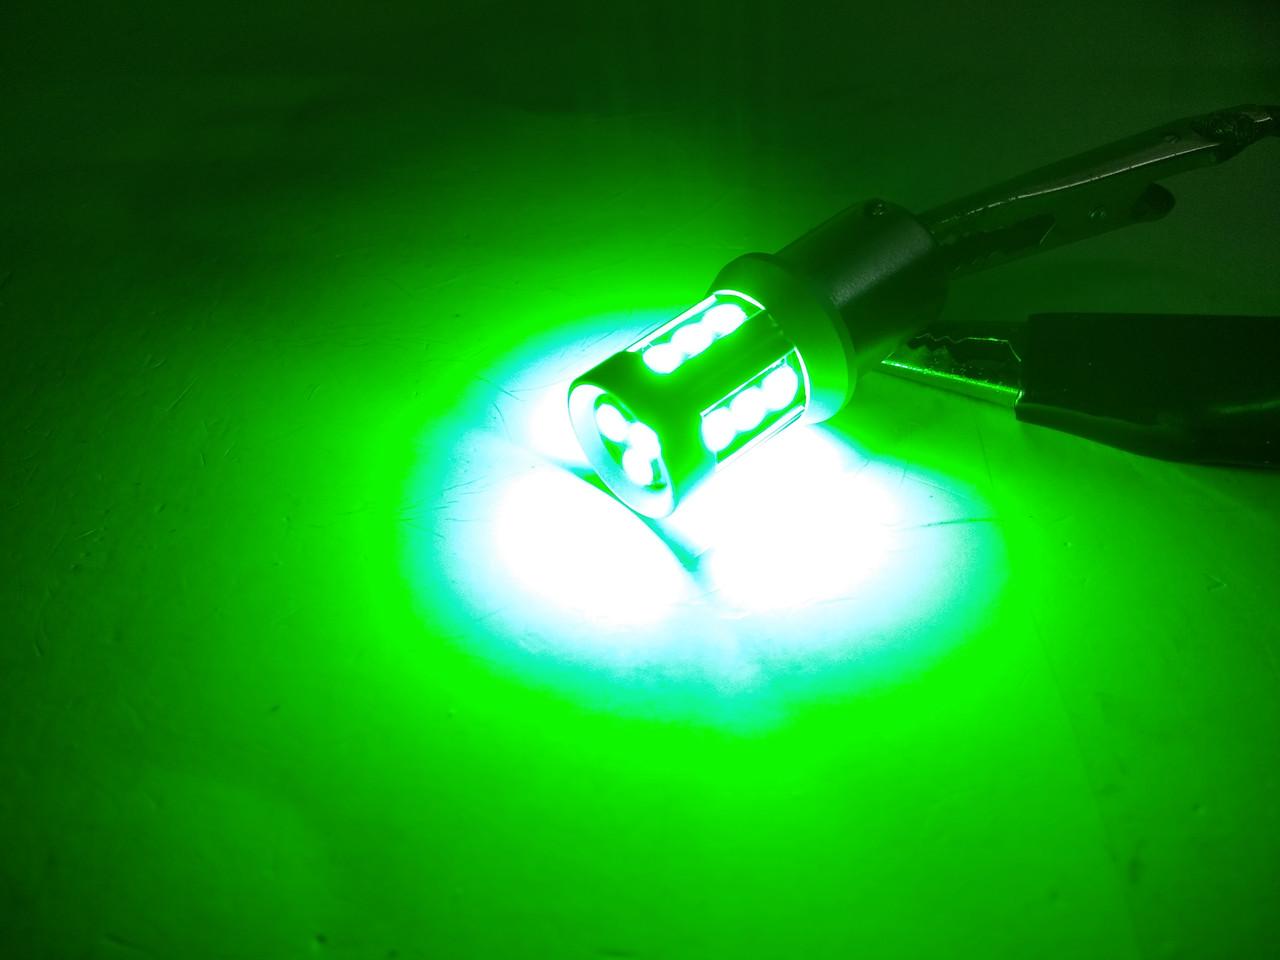 Автолампа светодиодная LED, P21W, 1156, BA15S, 15 EPISTAR 3020, 9-16В, Зелёная